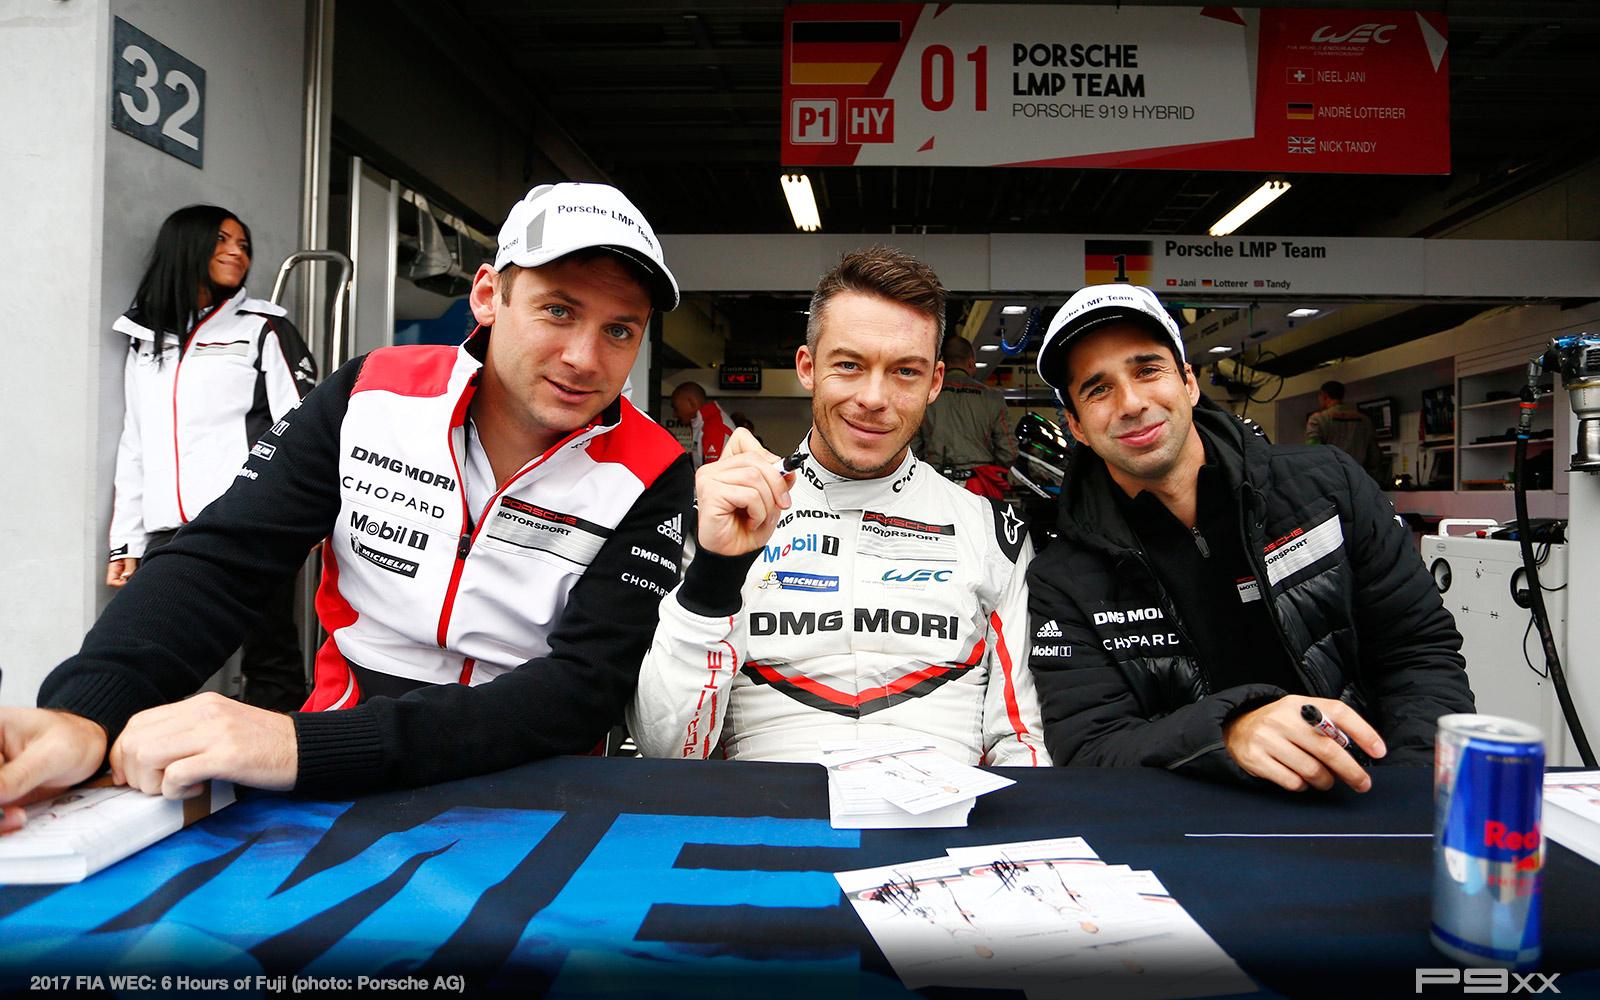 2017-FIA-WEC-6h-of-Fuji-Porsche-411